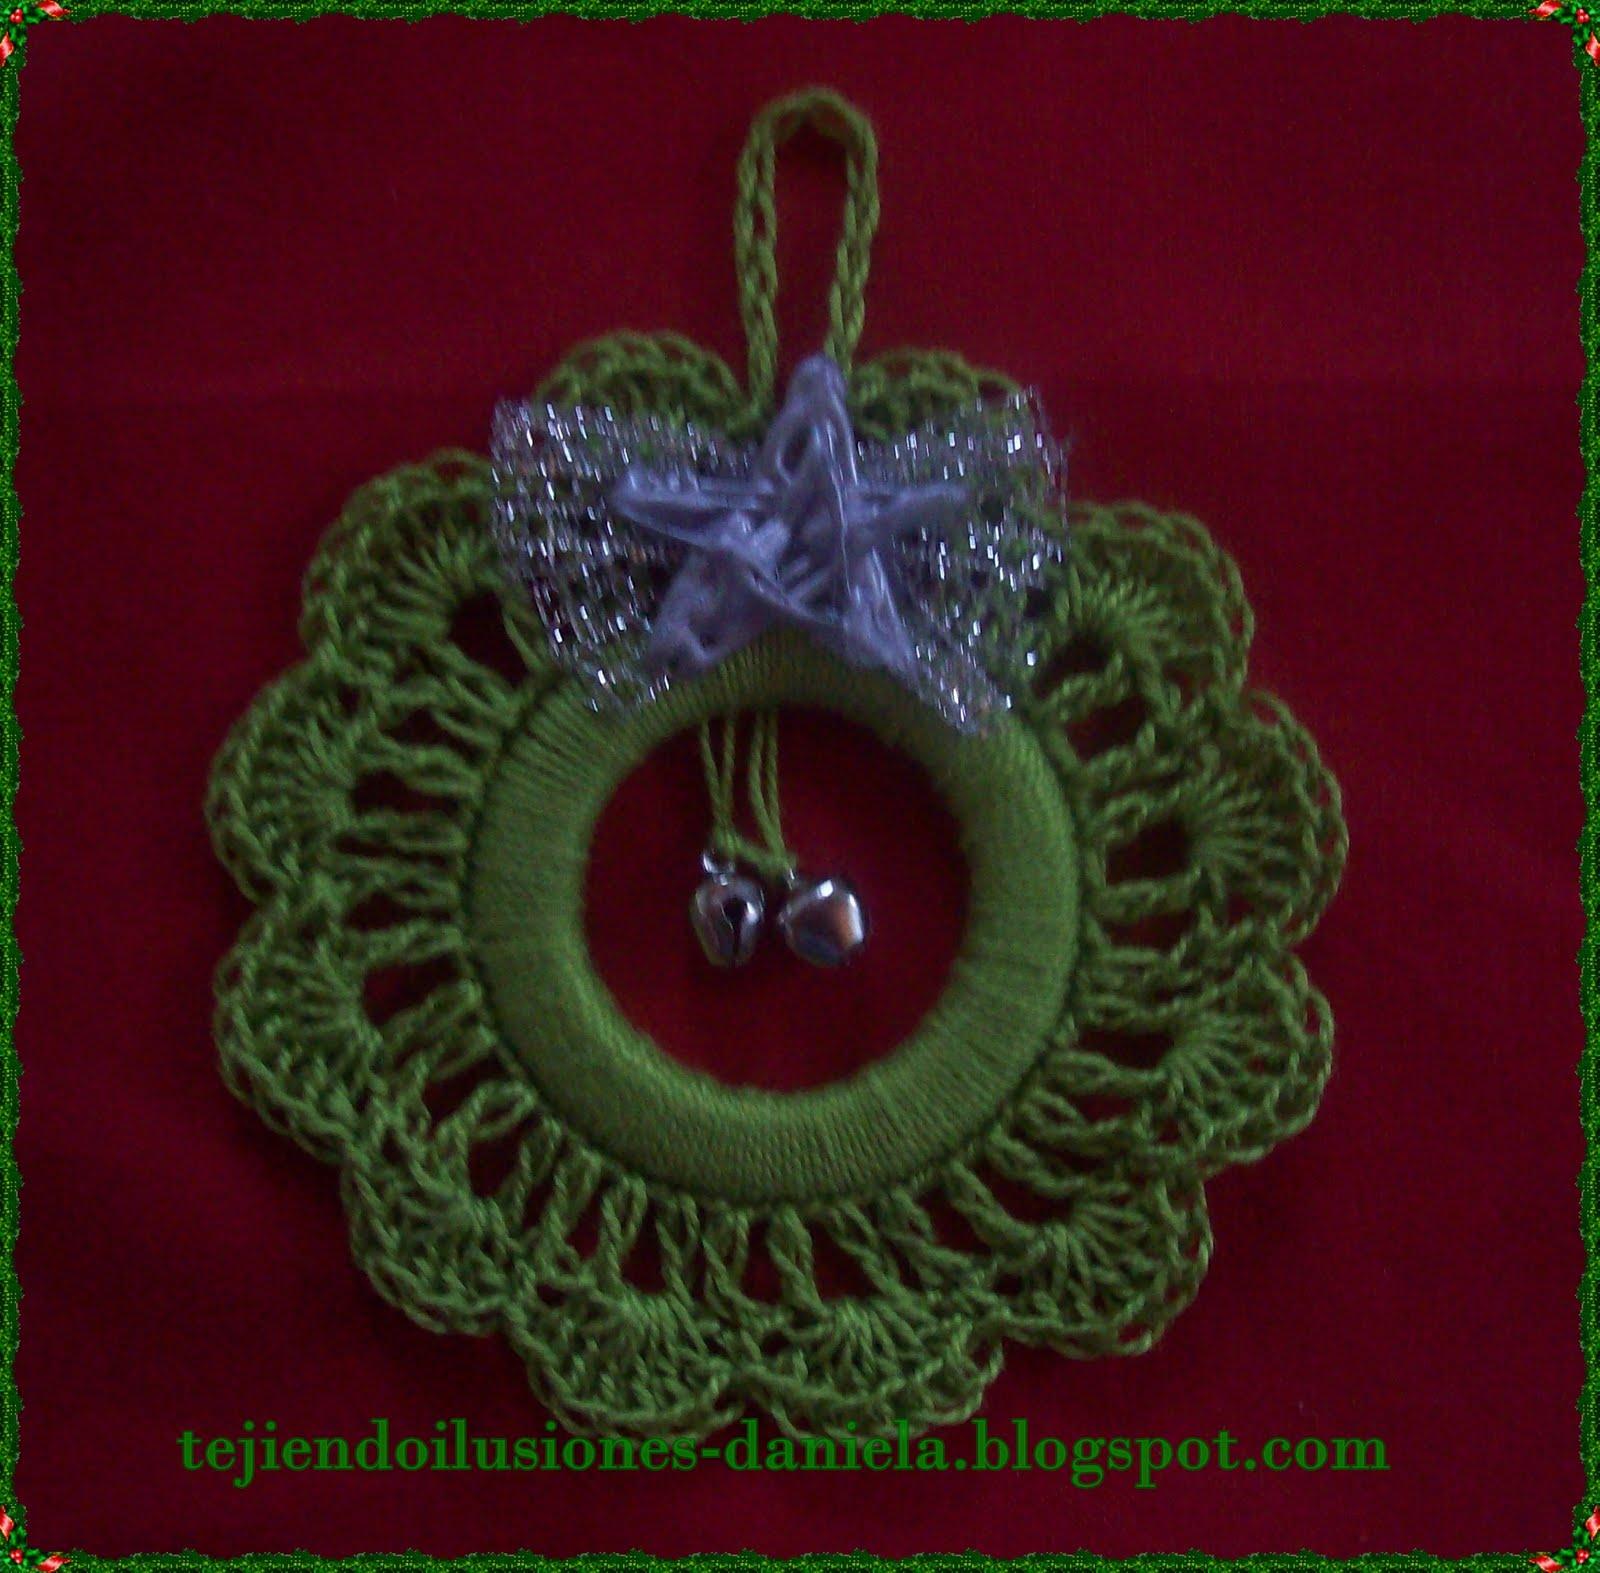 Moldes de cochinitos for Adornos navidenos tejidos a crochet 2016